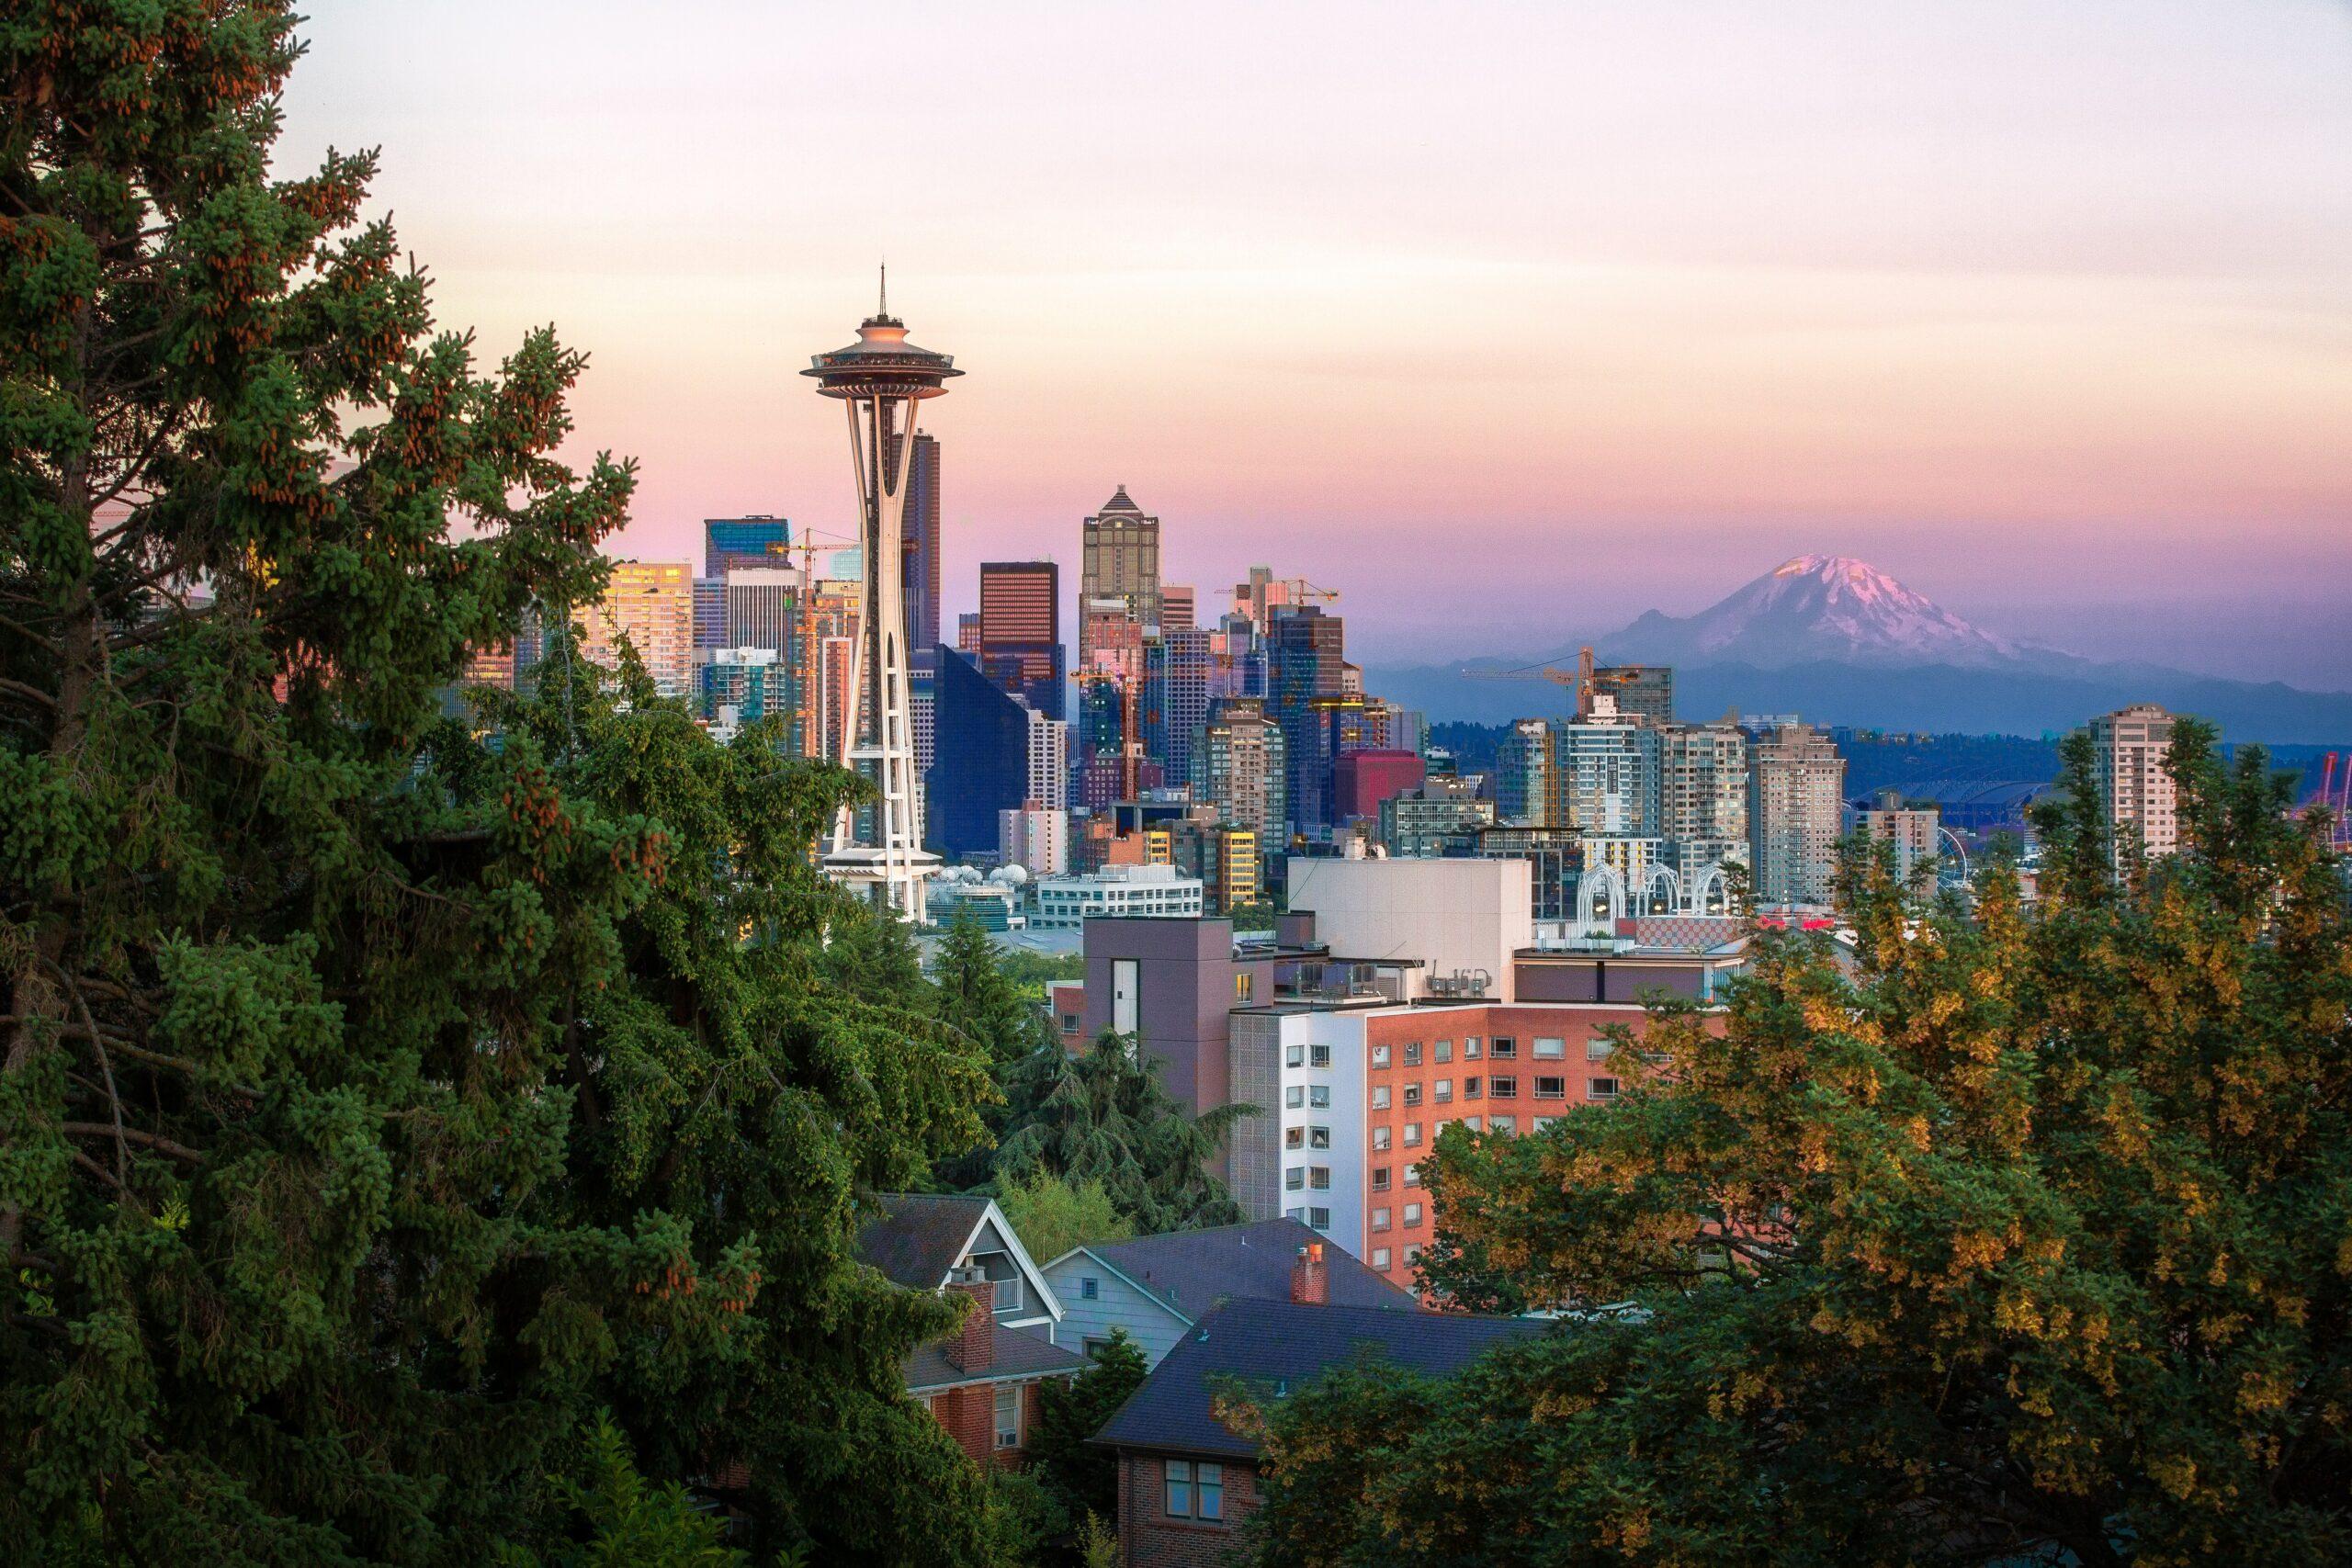 Seattle skyline sunset and Mount Rainier